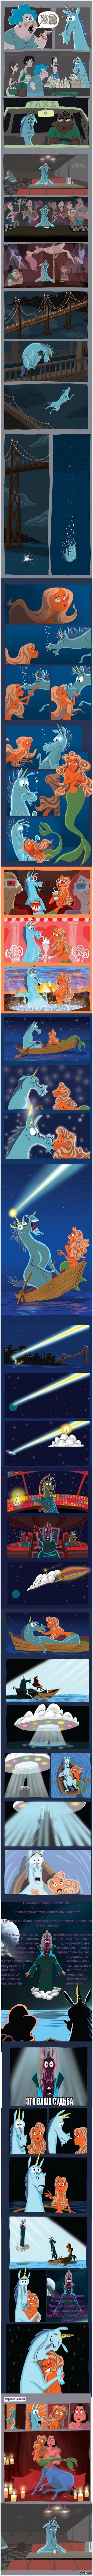 Единорог Вот она, вся любовь  Единорог, русалка, инопланетяне, длиннопост